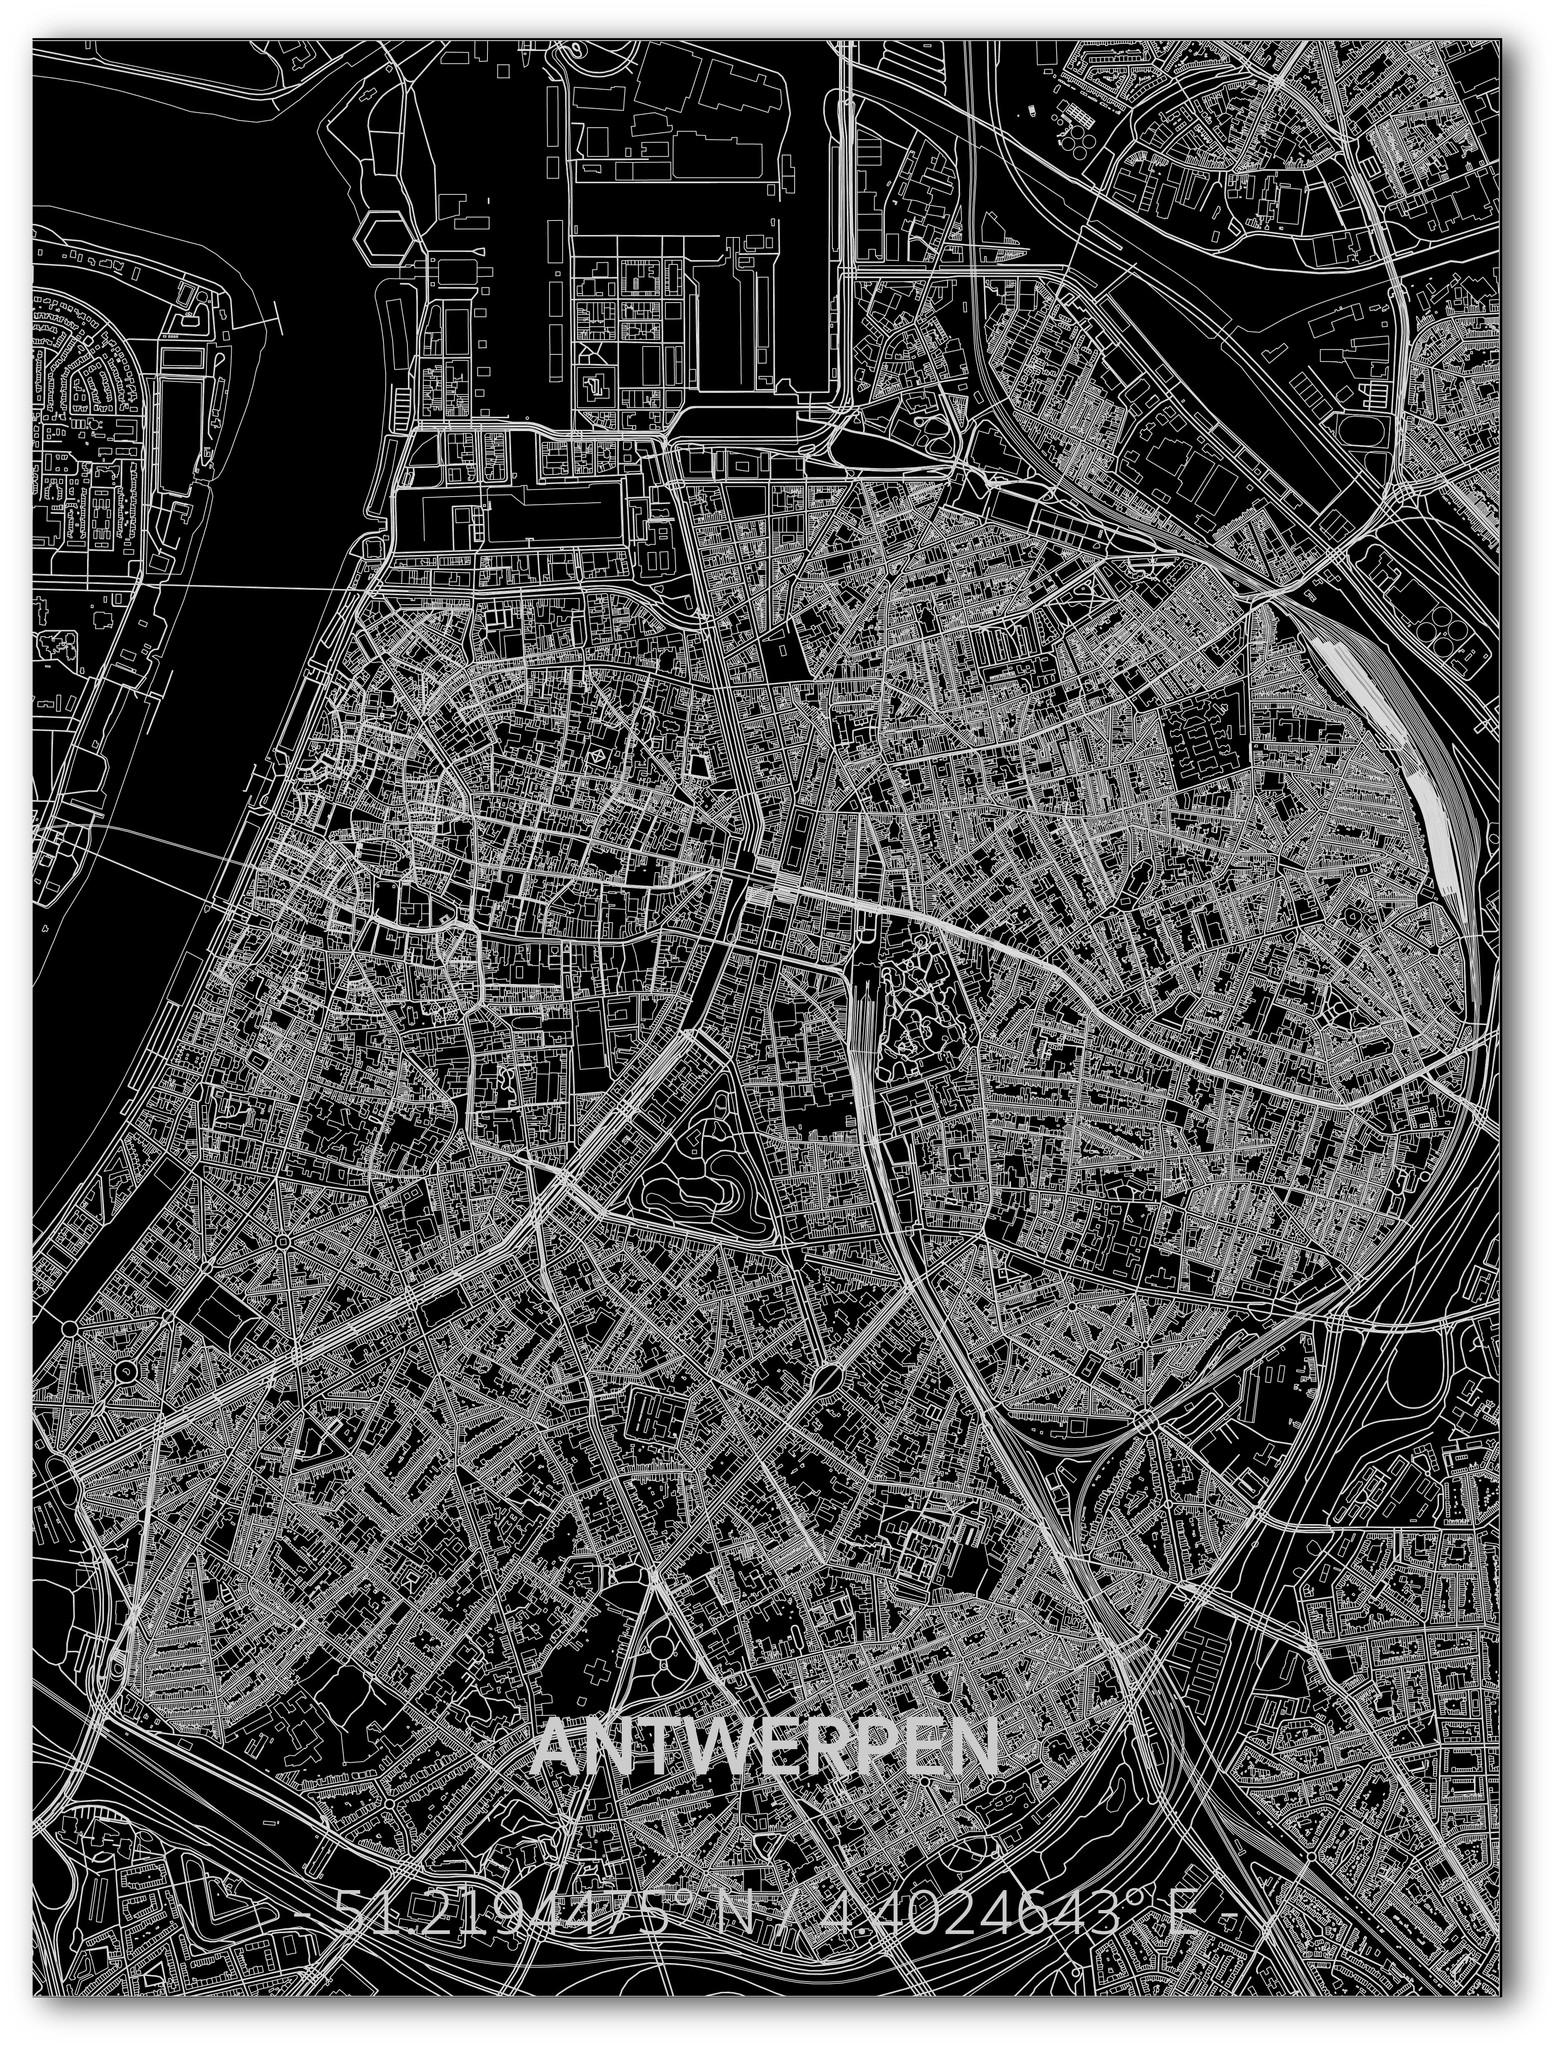 Citymap Antwerp | Aluminum wall decoration-1